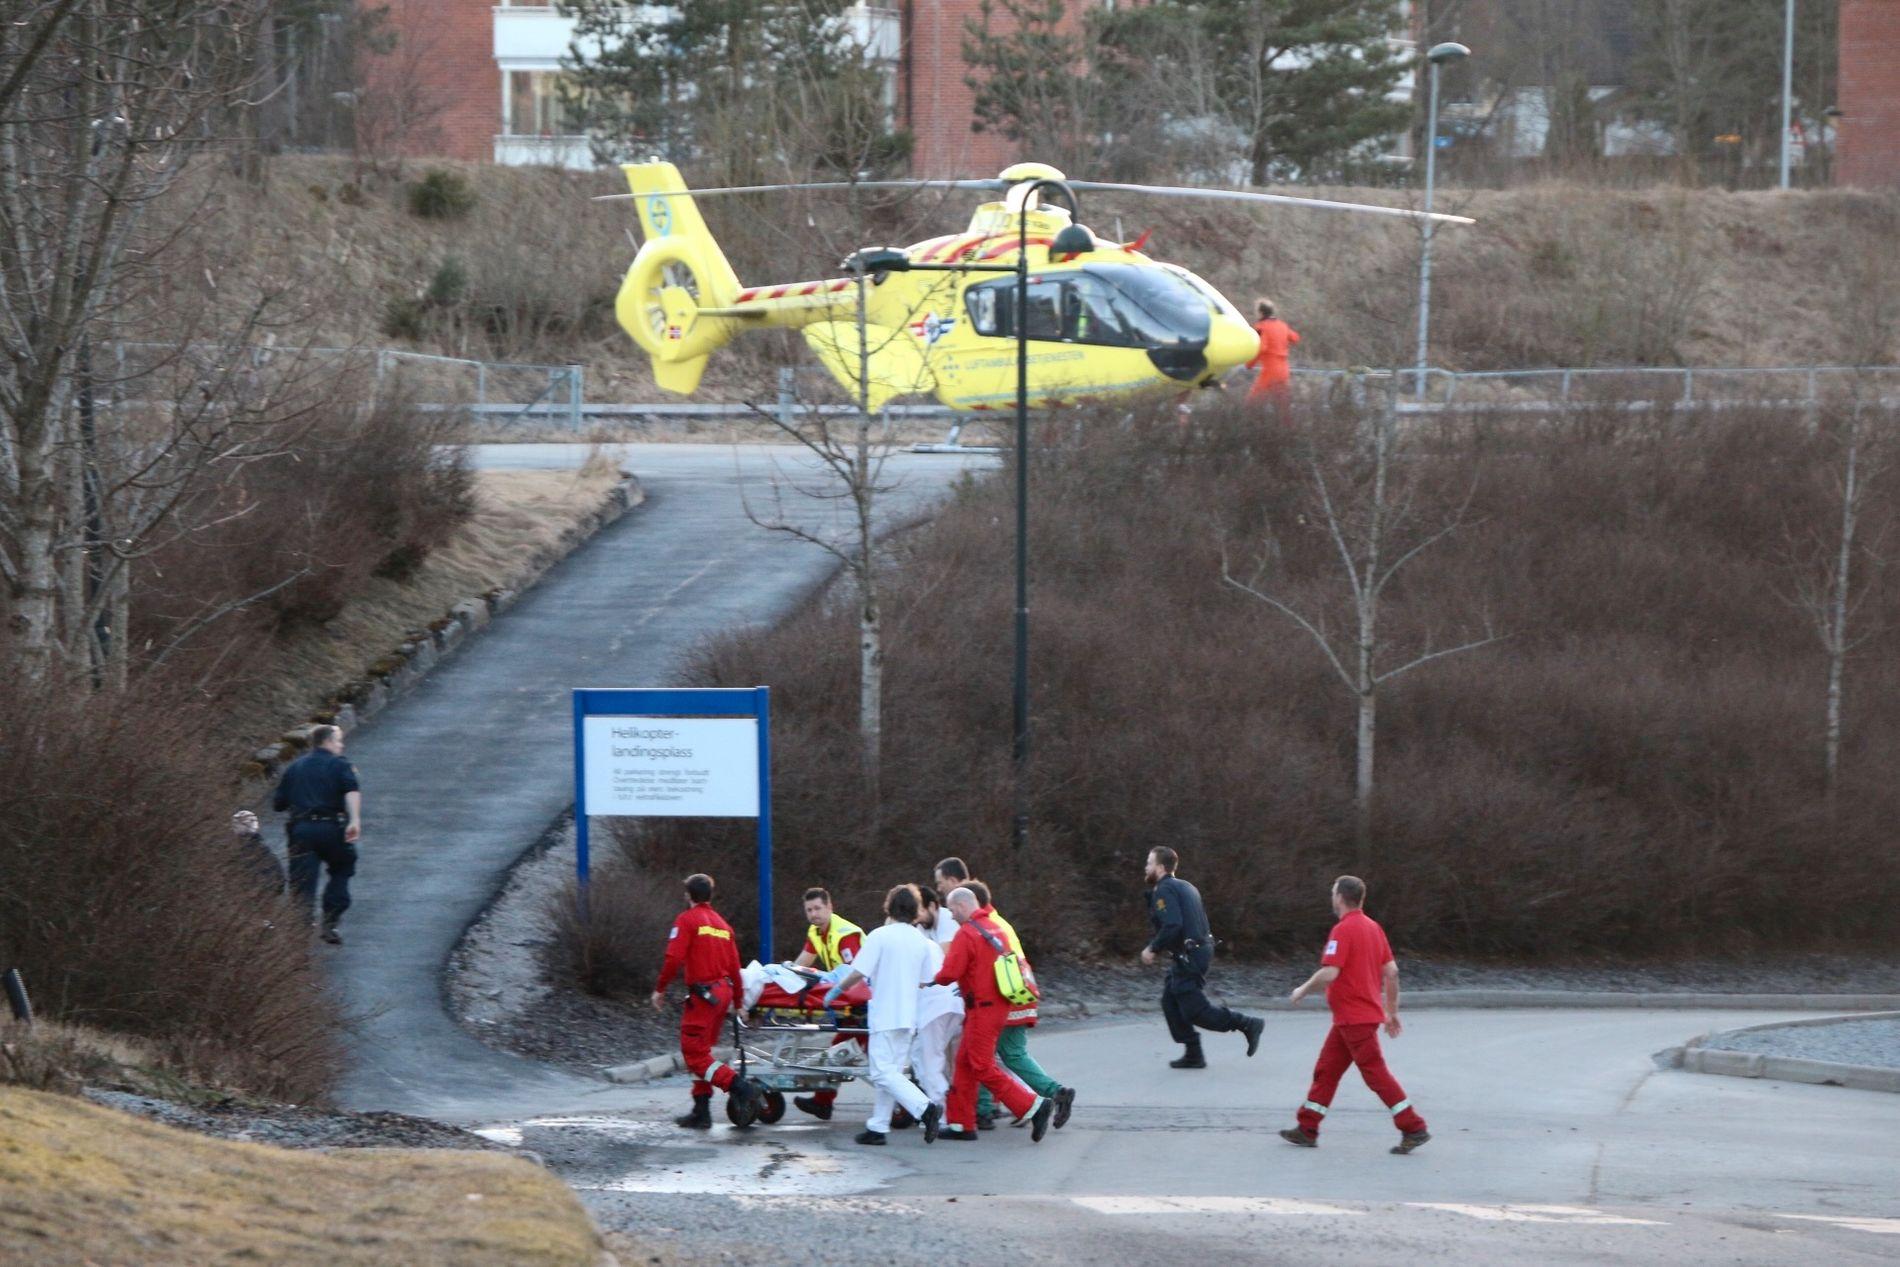 HENTET OPP: To gutter på fem og seks år ble hentet opp fra Falkumelva søndag kveld og fraktet til Rikshospitalet med luftambulanse.